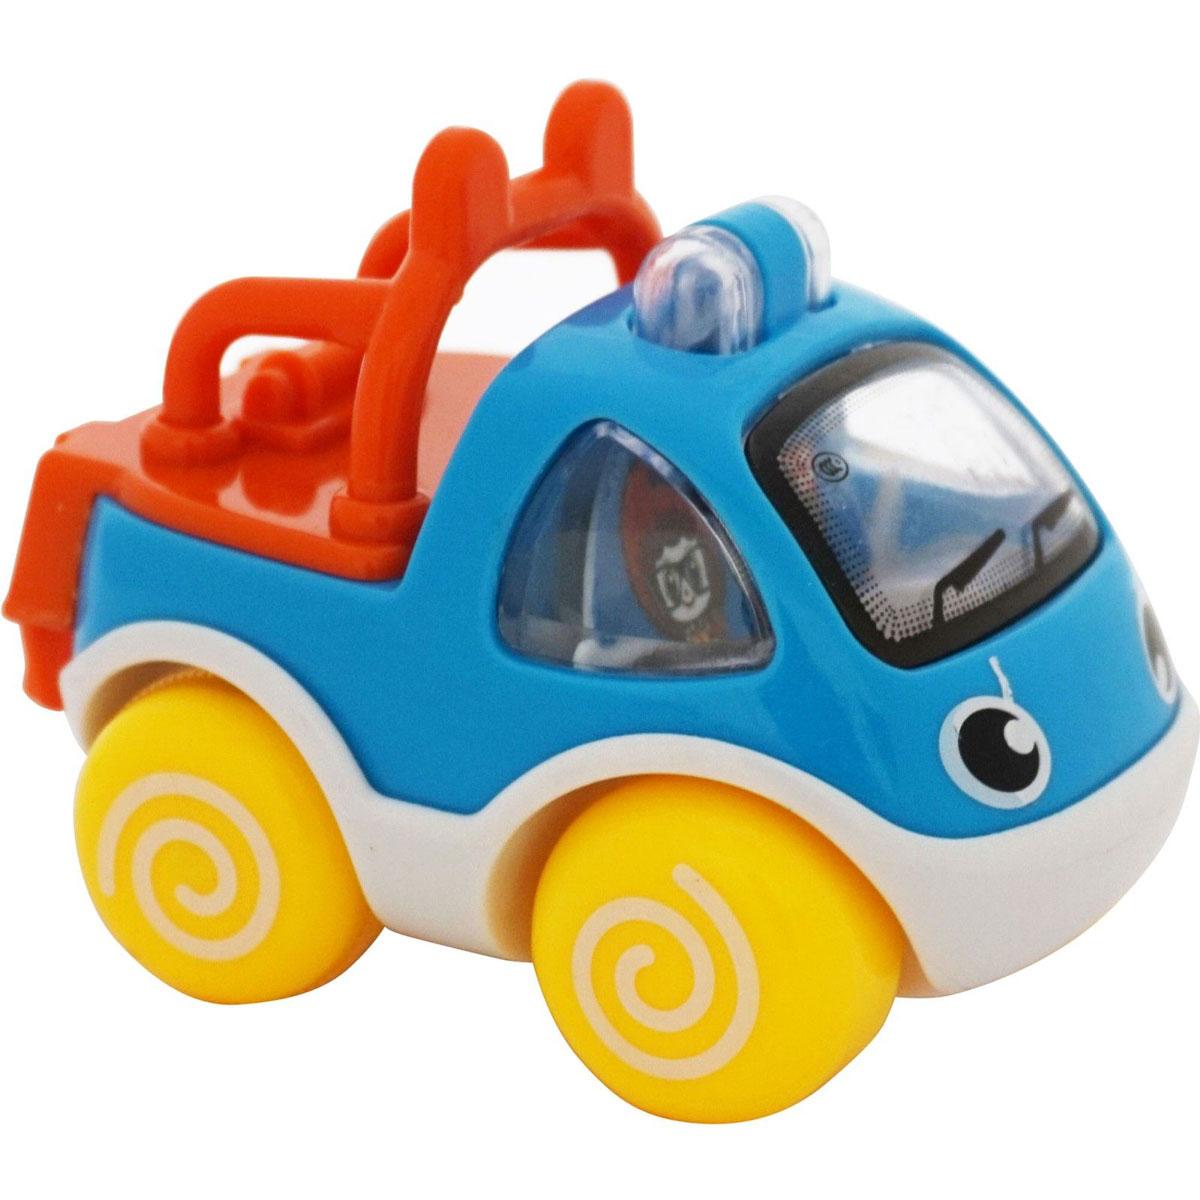 BebeLino Машинка инерционная Быстрые помощники цвет синий цена